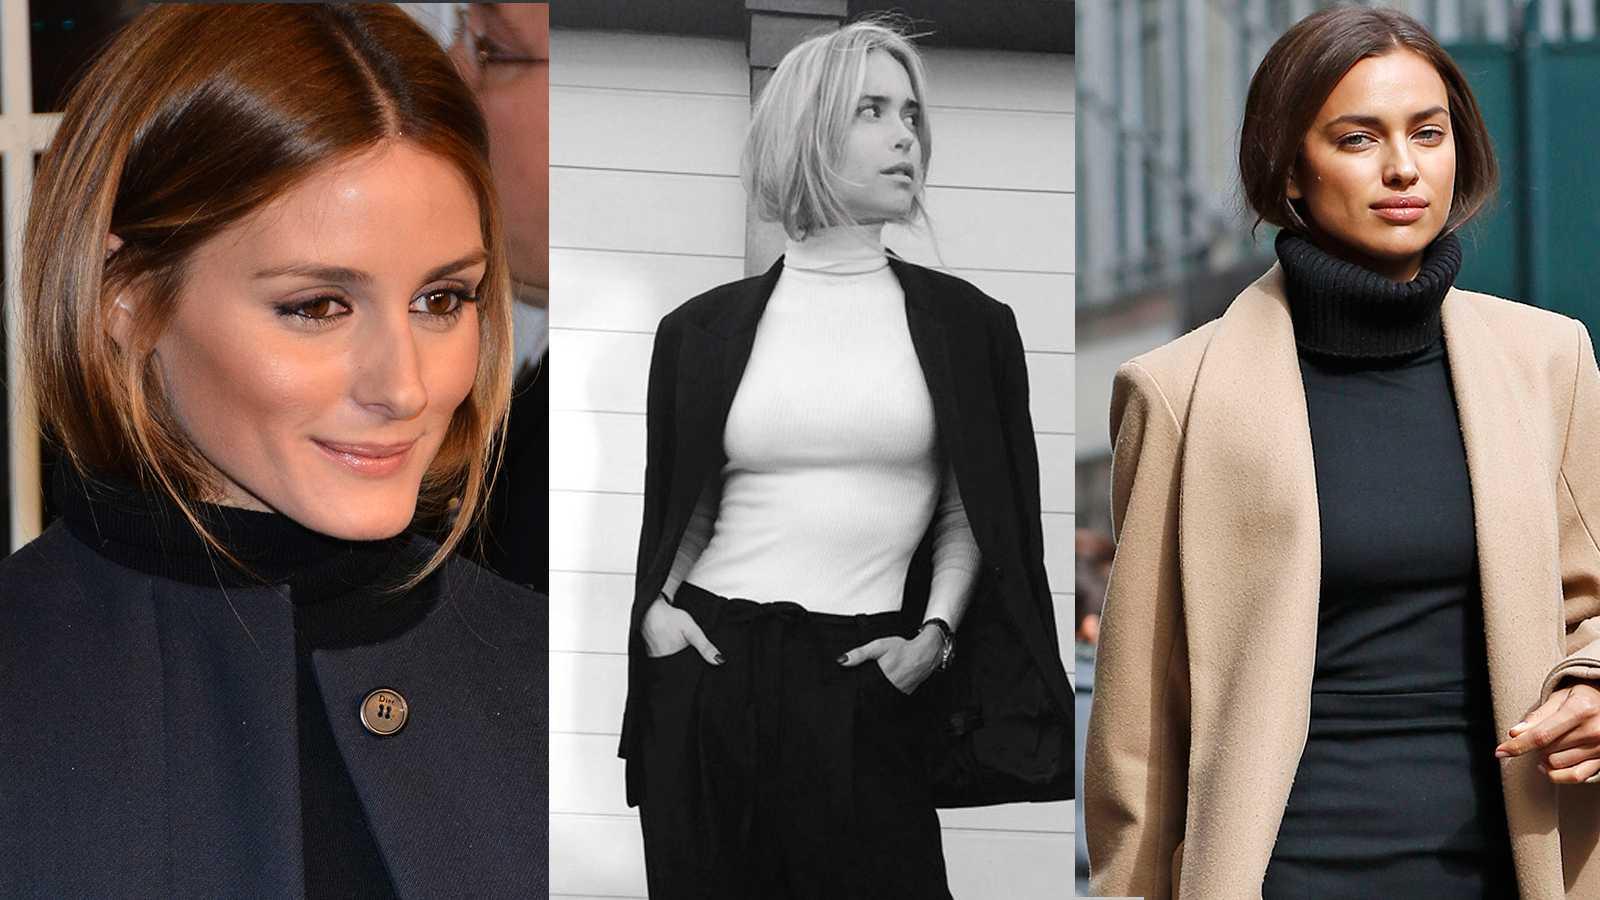 Modeprofilen Olivia Palermo, vår egen superbloggare Pernille Teisbæk och modellen Irina Shayk i trendiga polo-pagen.